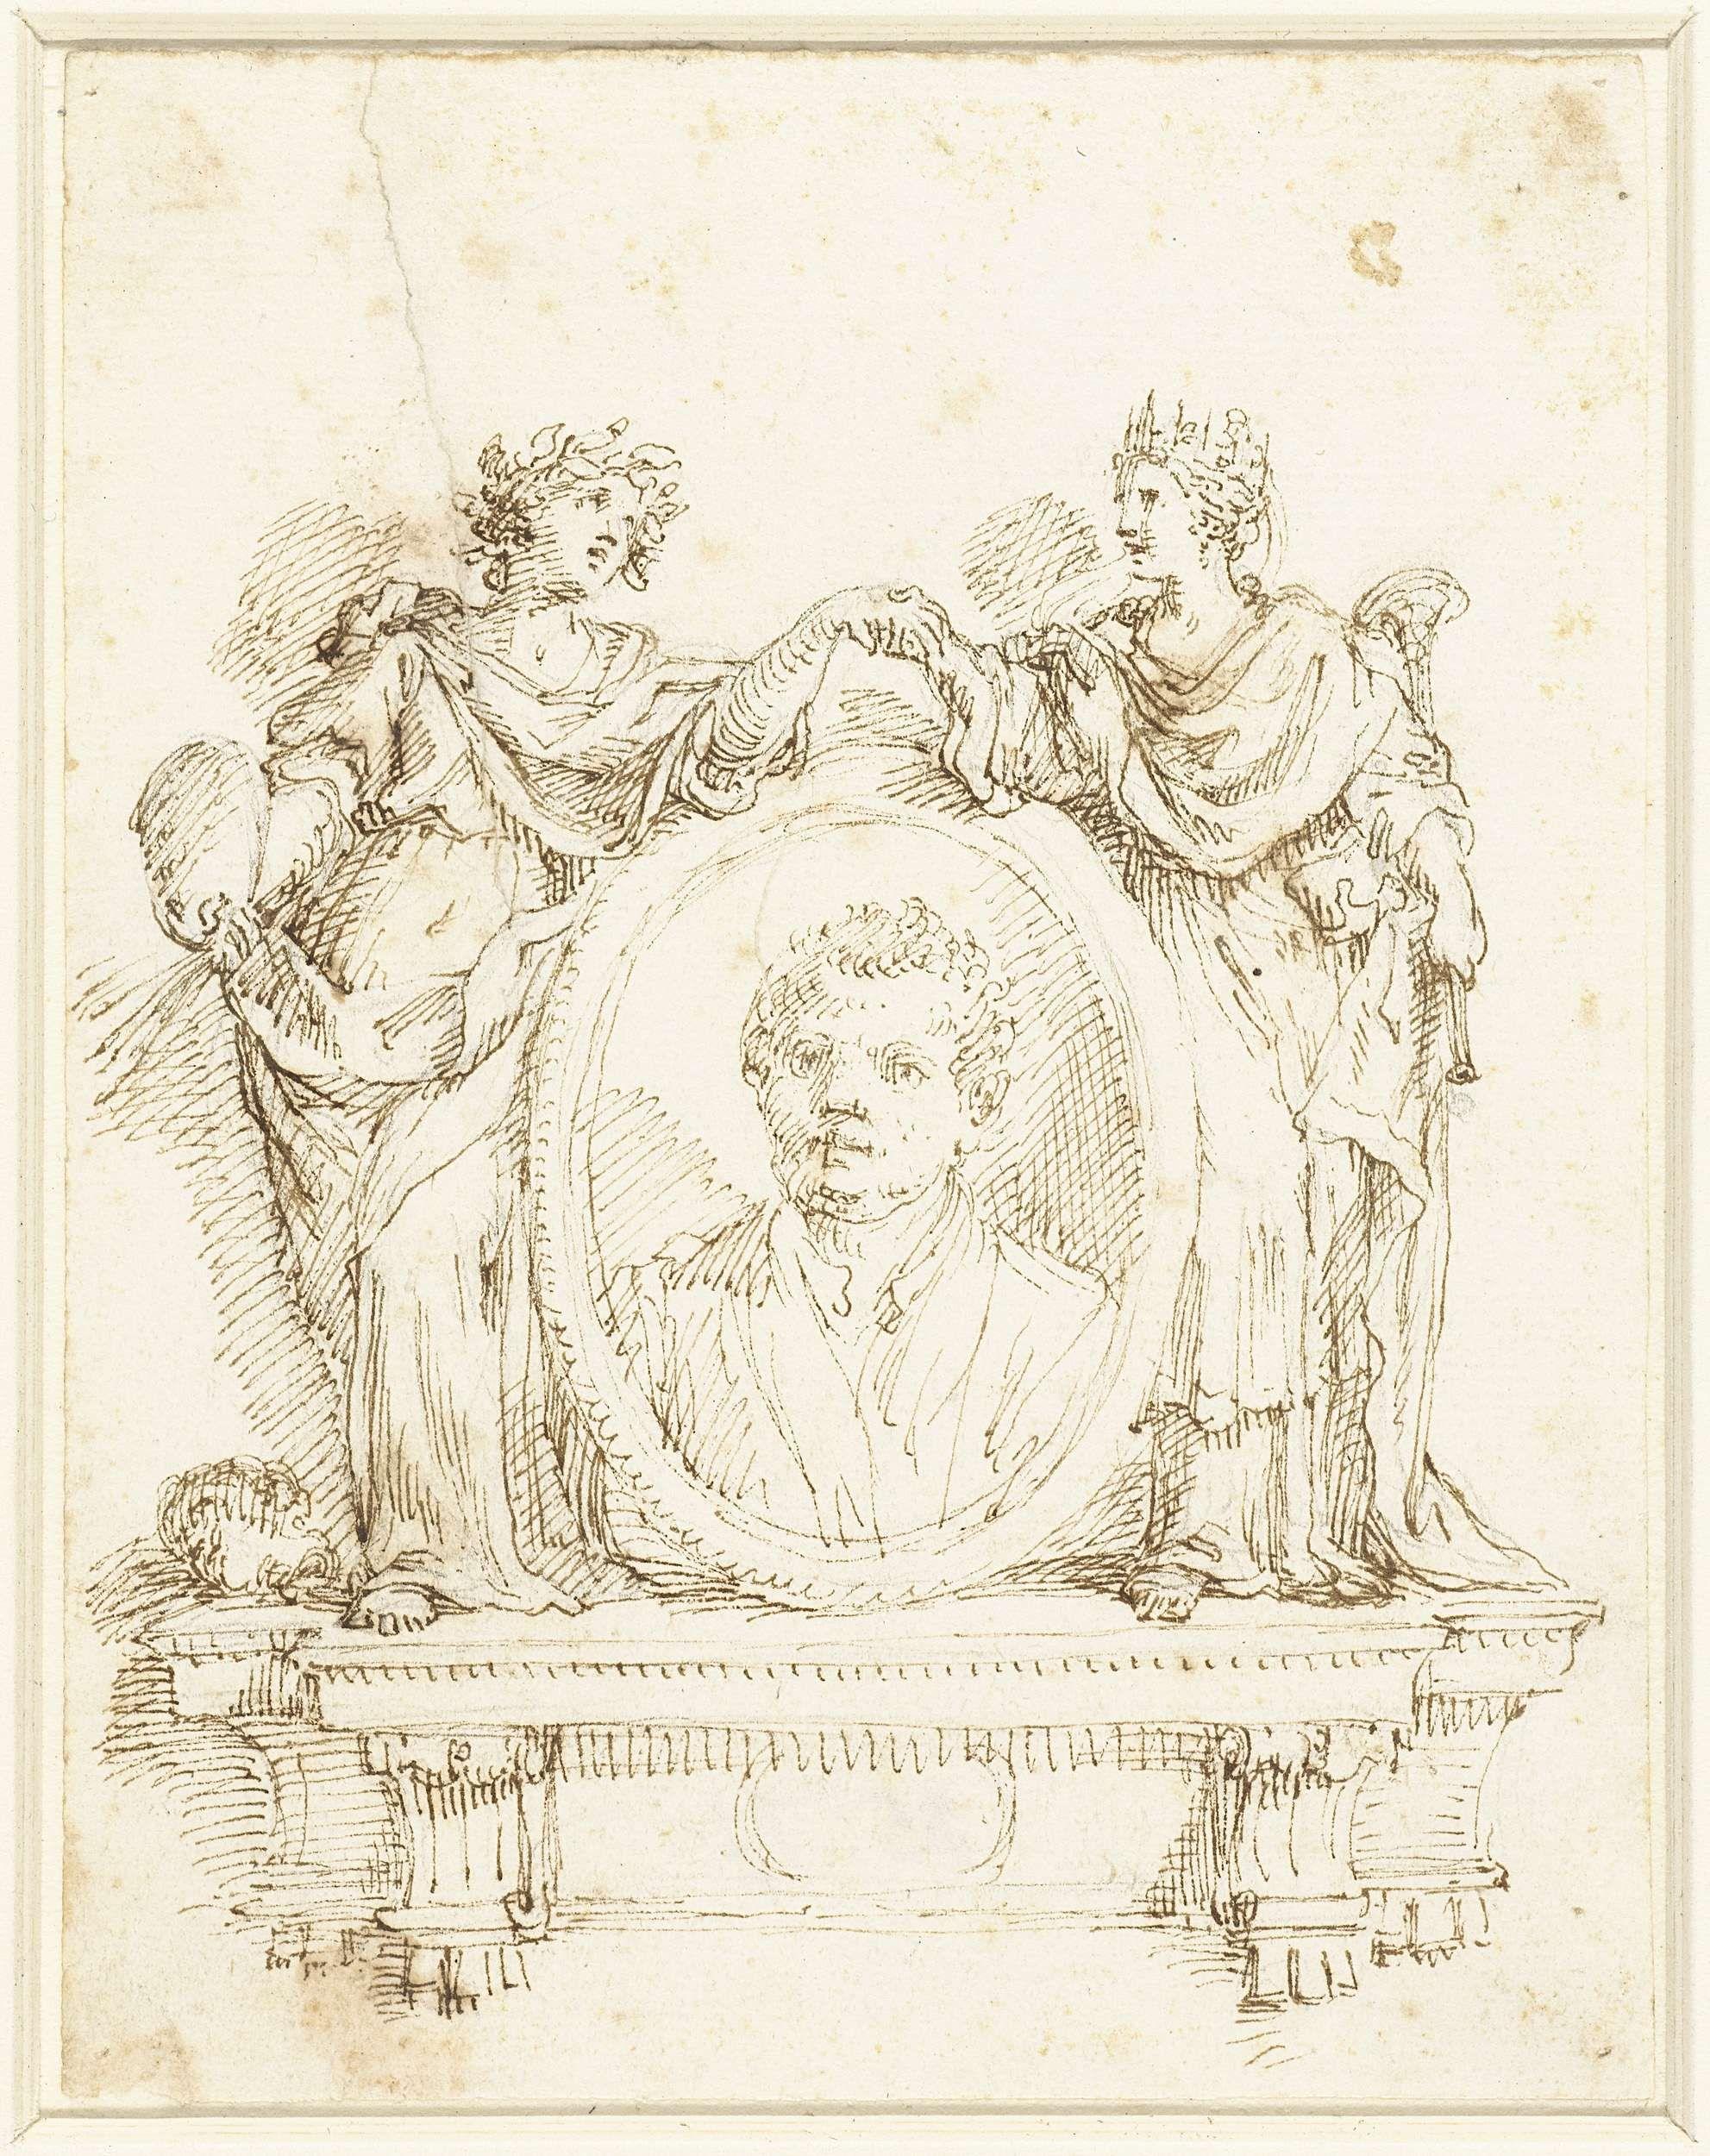 anoniem | Schildersportret met aan weerszijden Schilderkunst en Fama, possibly Francesco Salvatore Fontebasso, 1719 - 1769 |